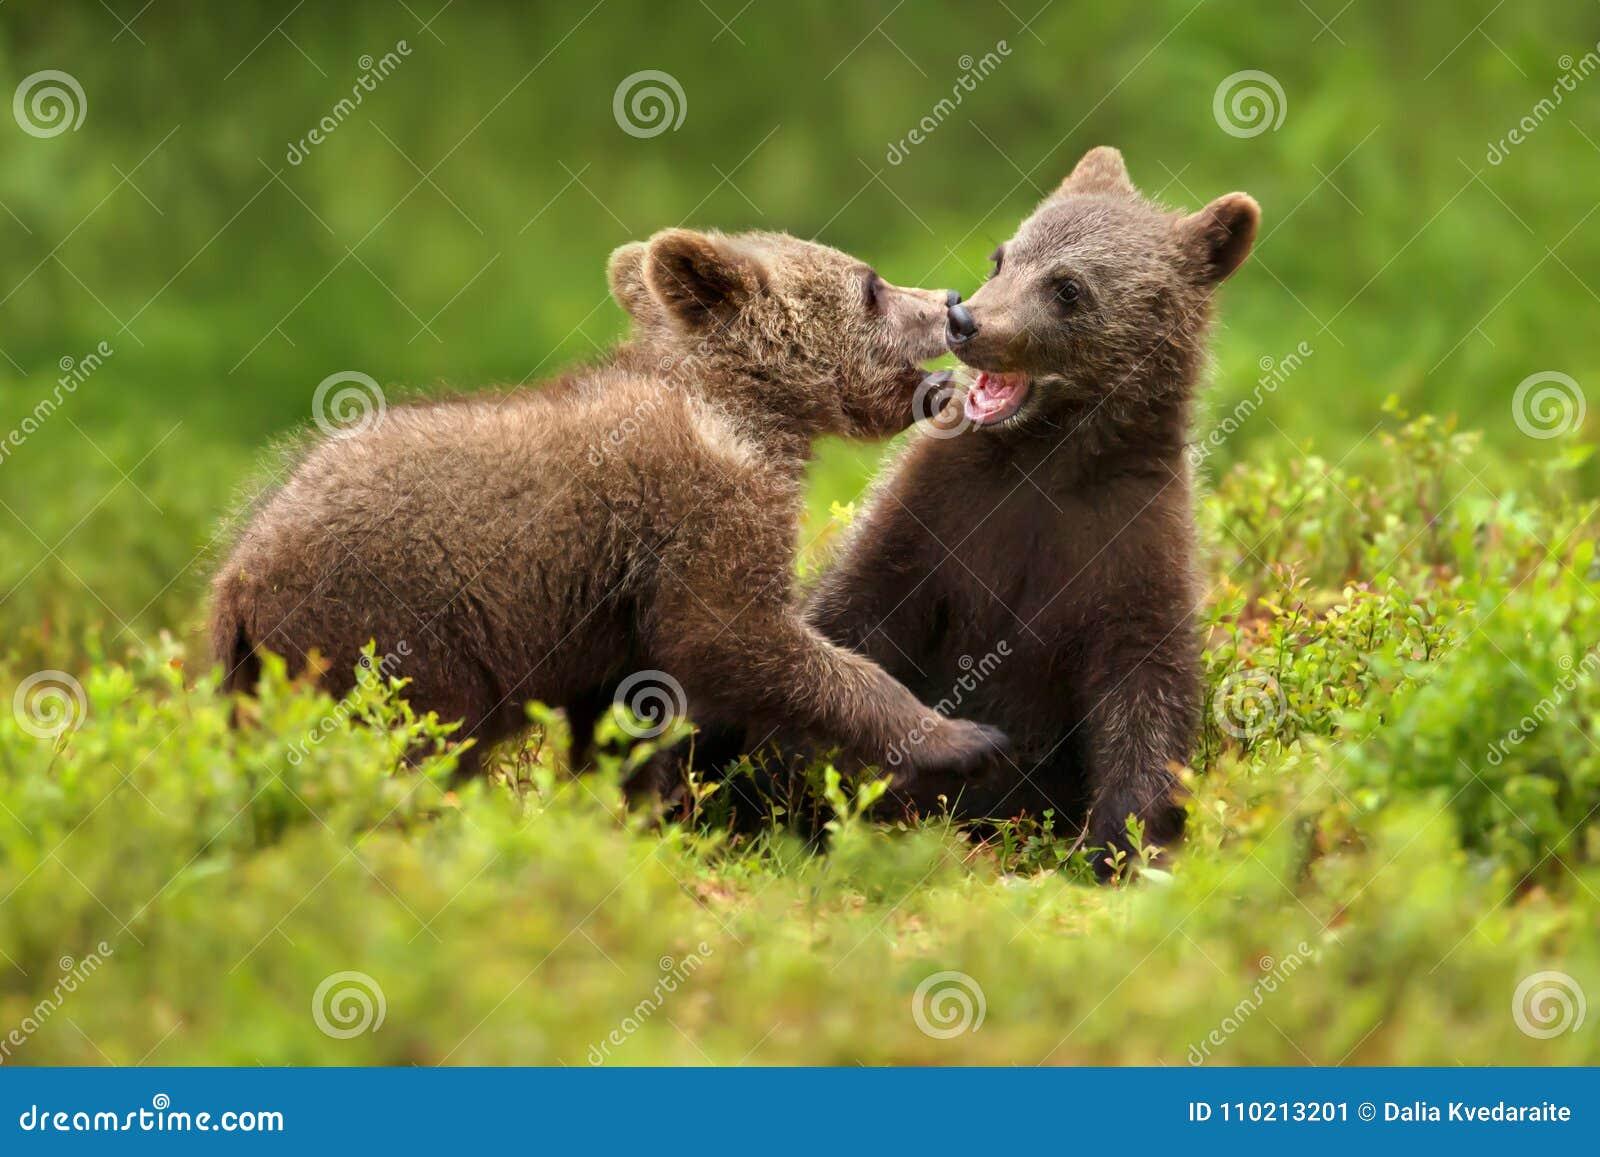 Dois filhotes de urso marrom jogam a luta na floresta